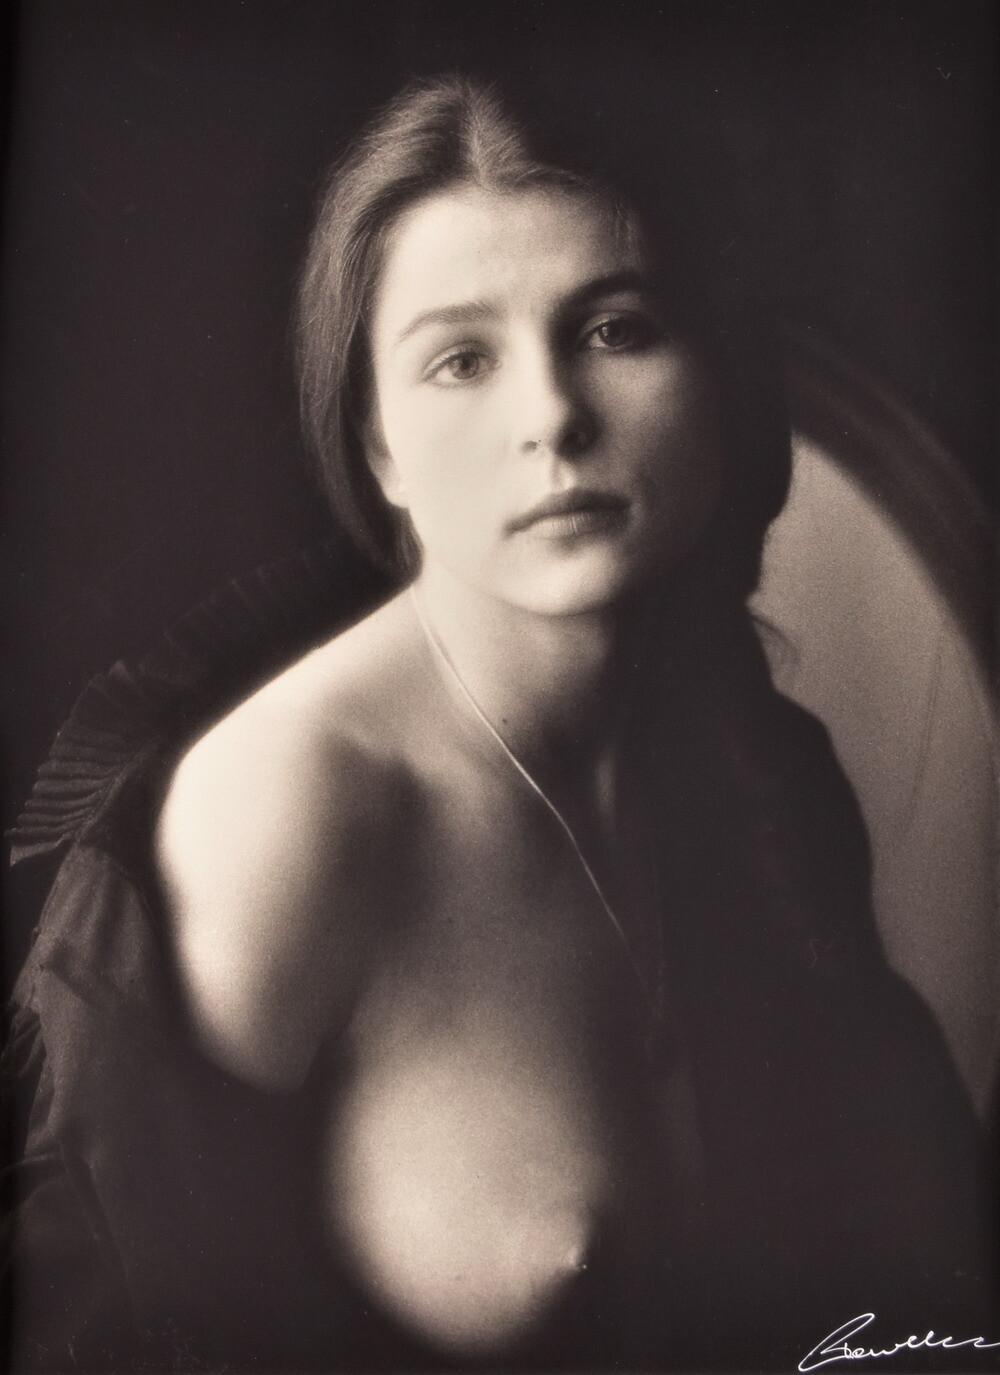 Женский портрет. Фотограф Владислав Павелец